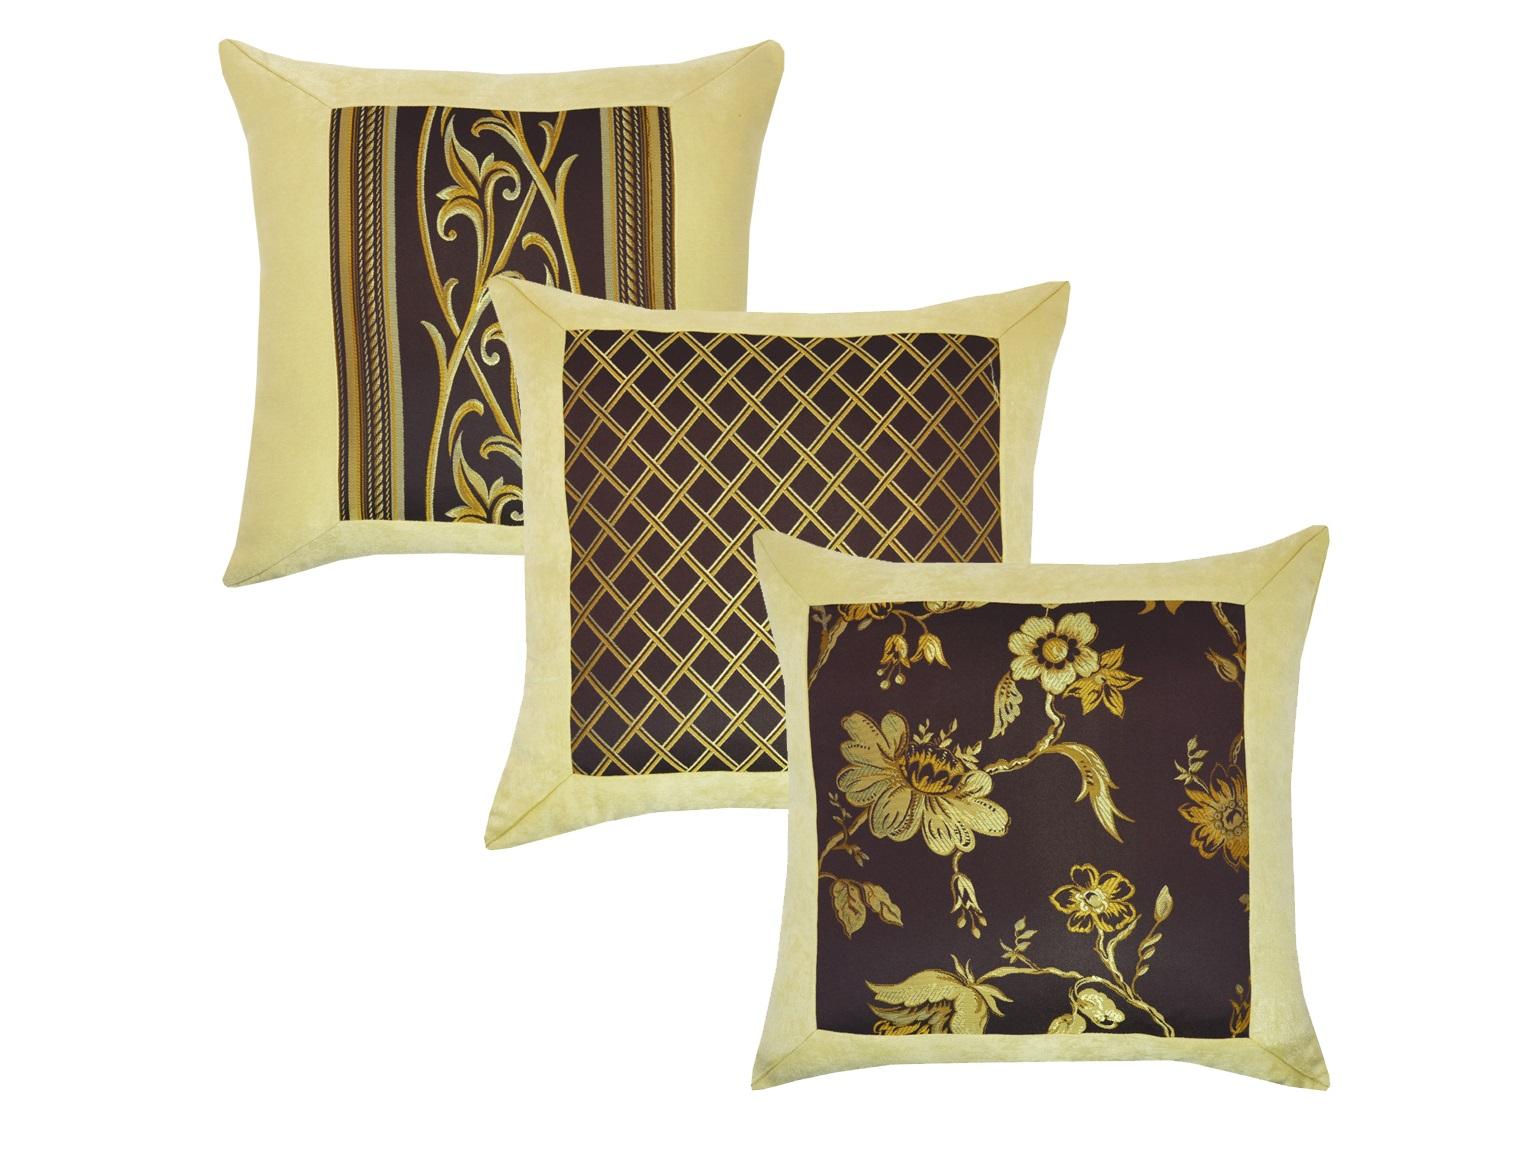 Комплект подушек Ivonne Violet (2шт)Квадратные подушки и наволочки<br>Комплект декоративных  подушек. Чехол съемный.<br><br>Material: Вискоза<br>Length см: 45<br>Width см: 45<br>Depth см: 15